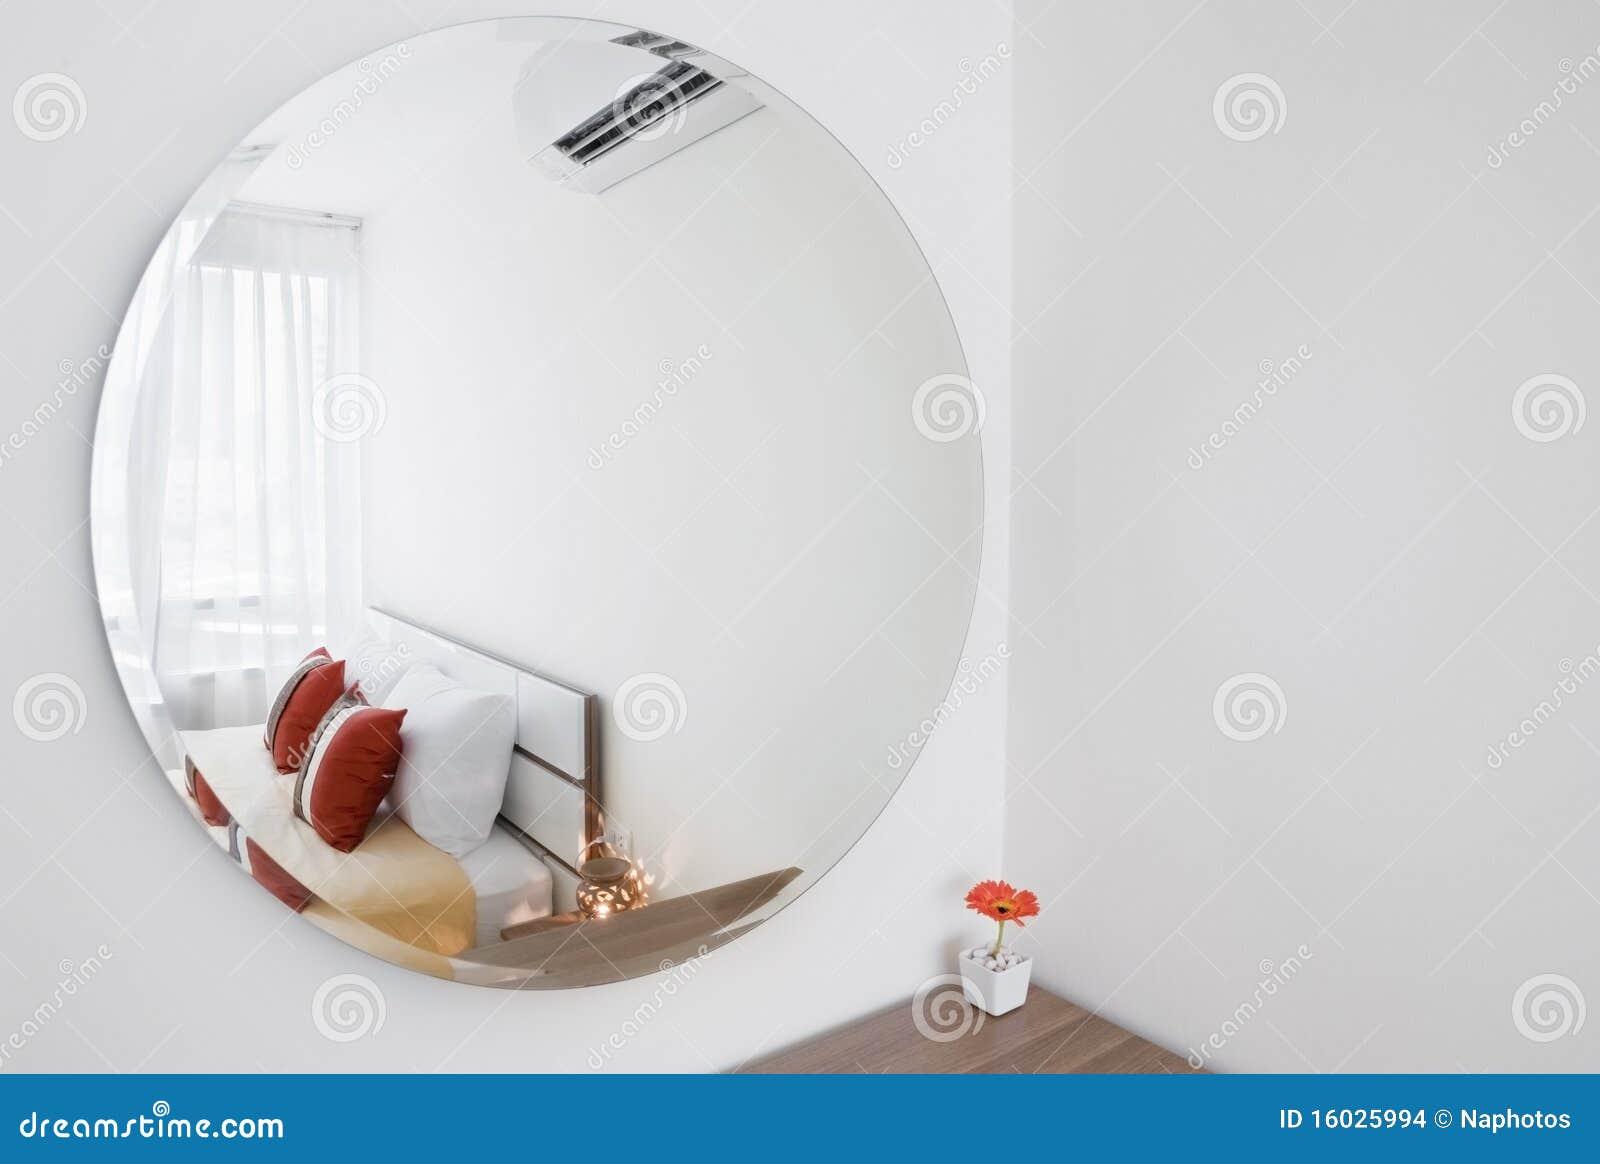 specchio camera da letto prezzi: 11625 specchio by modenese ... - Specchio Camera Da Letto Prezzi